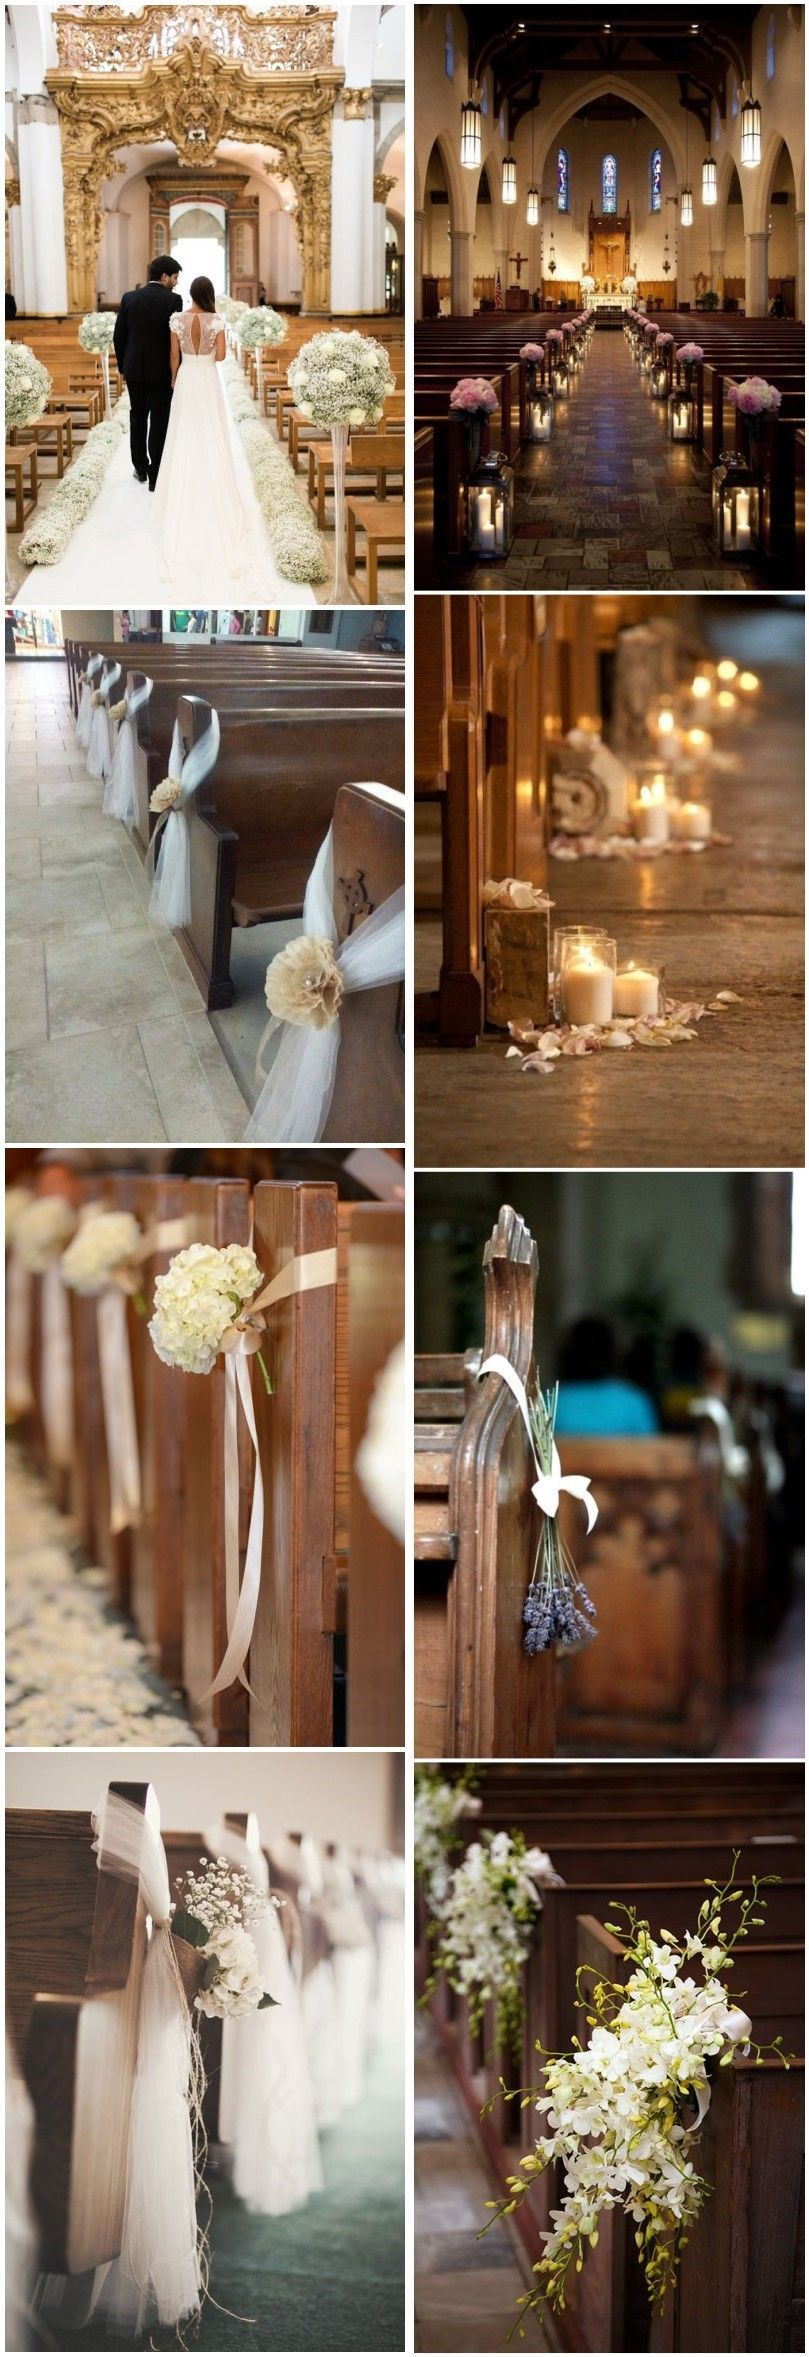 Unique church wedding decoration ideas  Wedding Decorations   Stunning Church Wedding Aisle Decoration